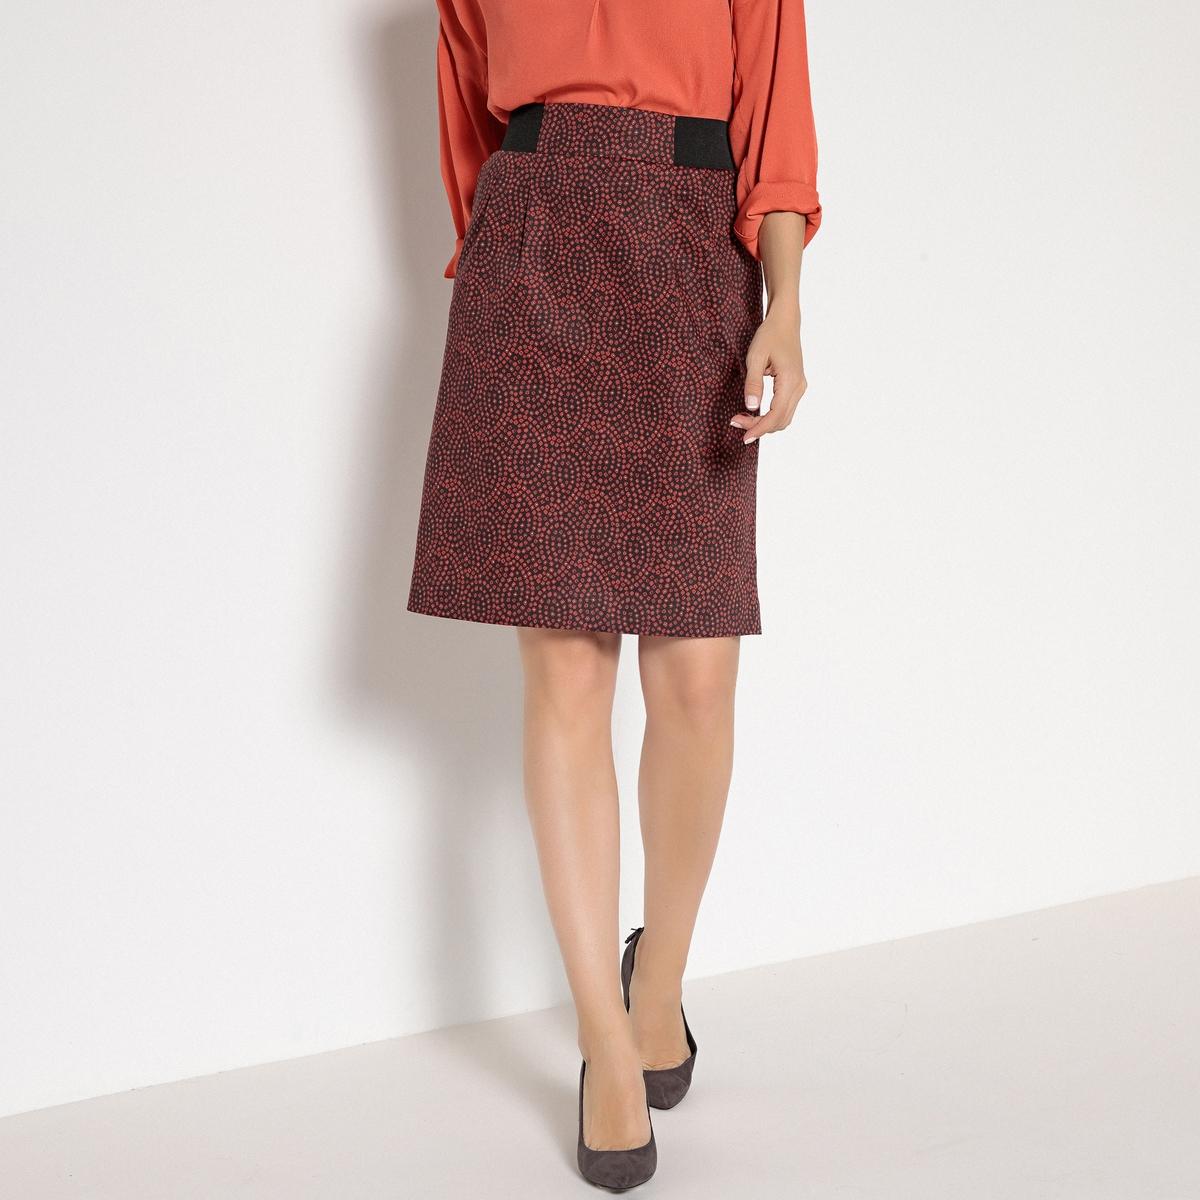 Imagen secundaria de producto de Falda recta estampada de satén de algodón stretch - Anne weyburn